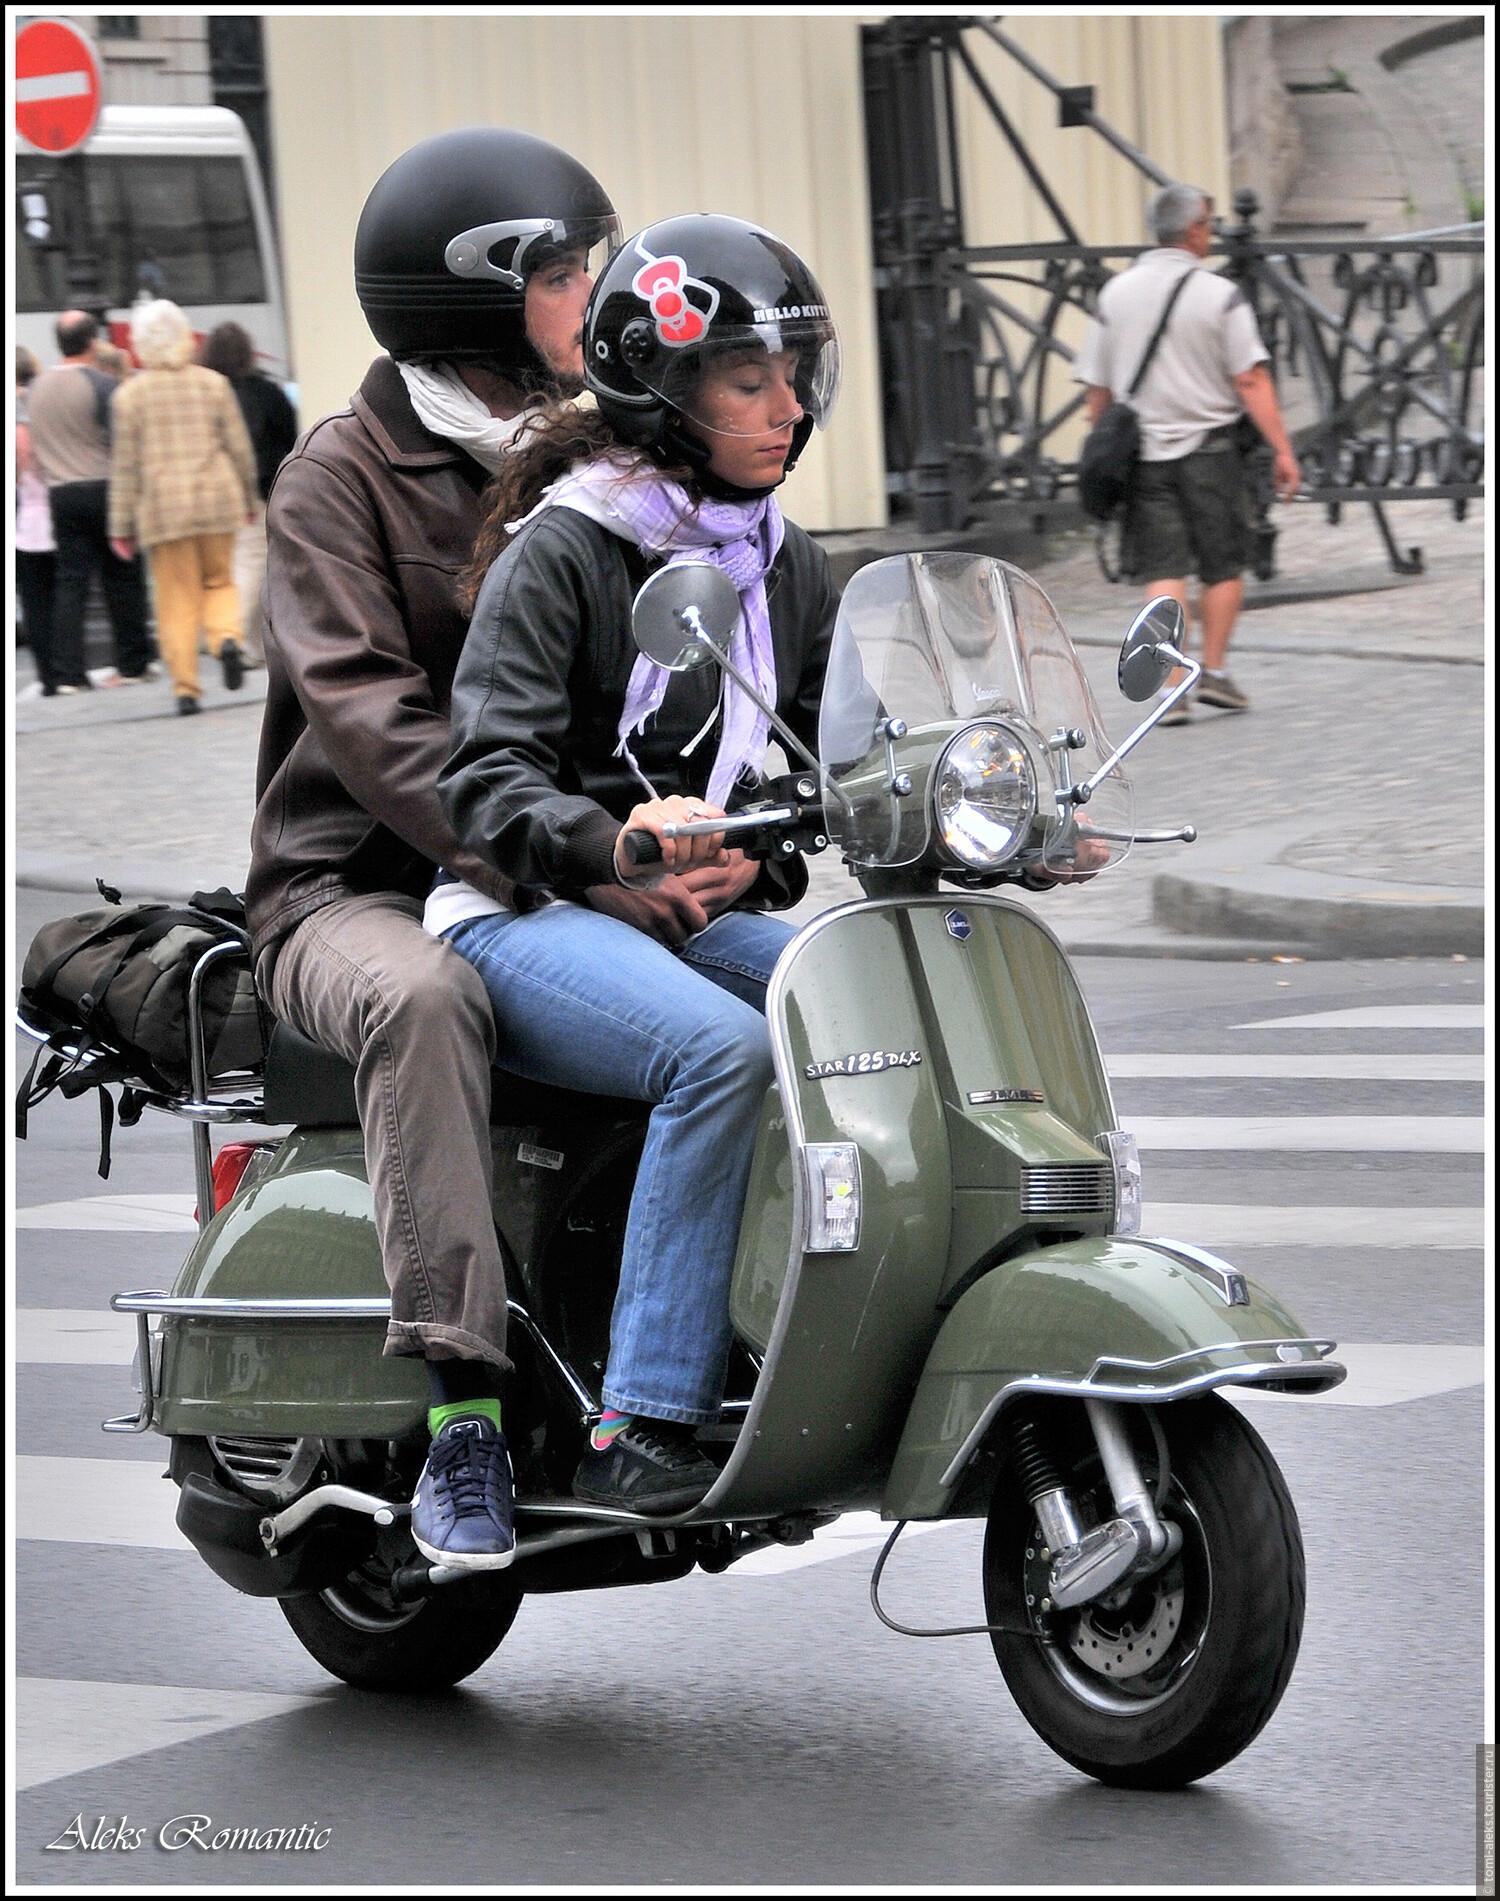 Любимое средство передвижения парижан..., Кто был в Париже, тот навек влюблен(Франция)